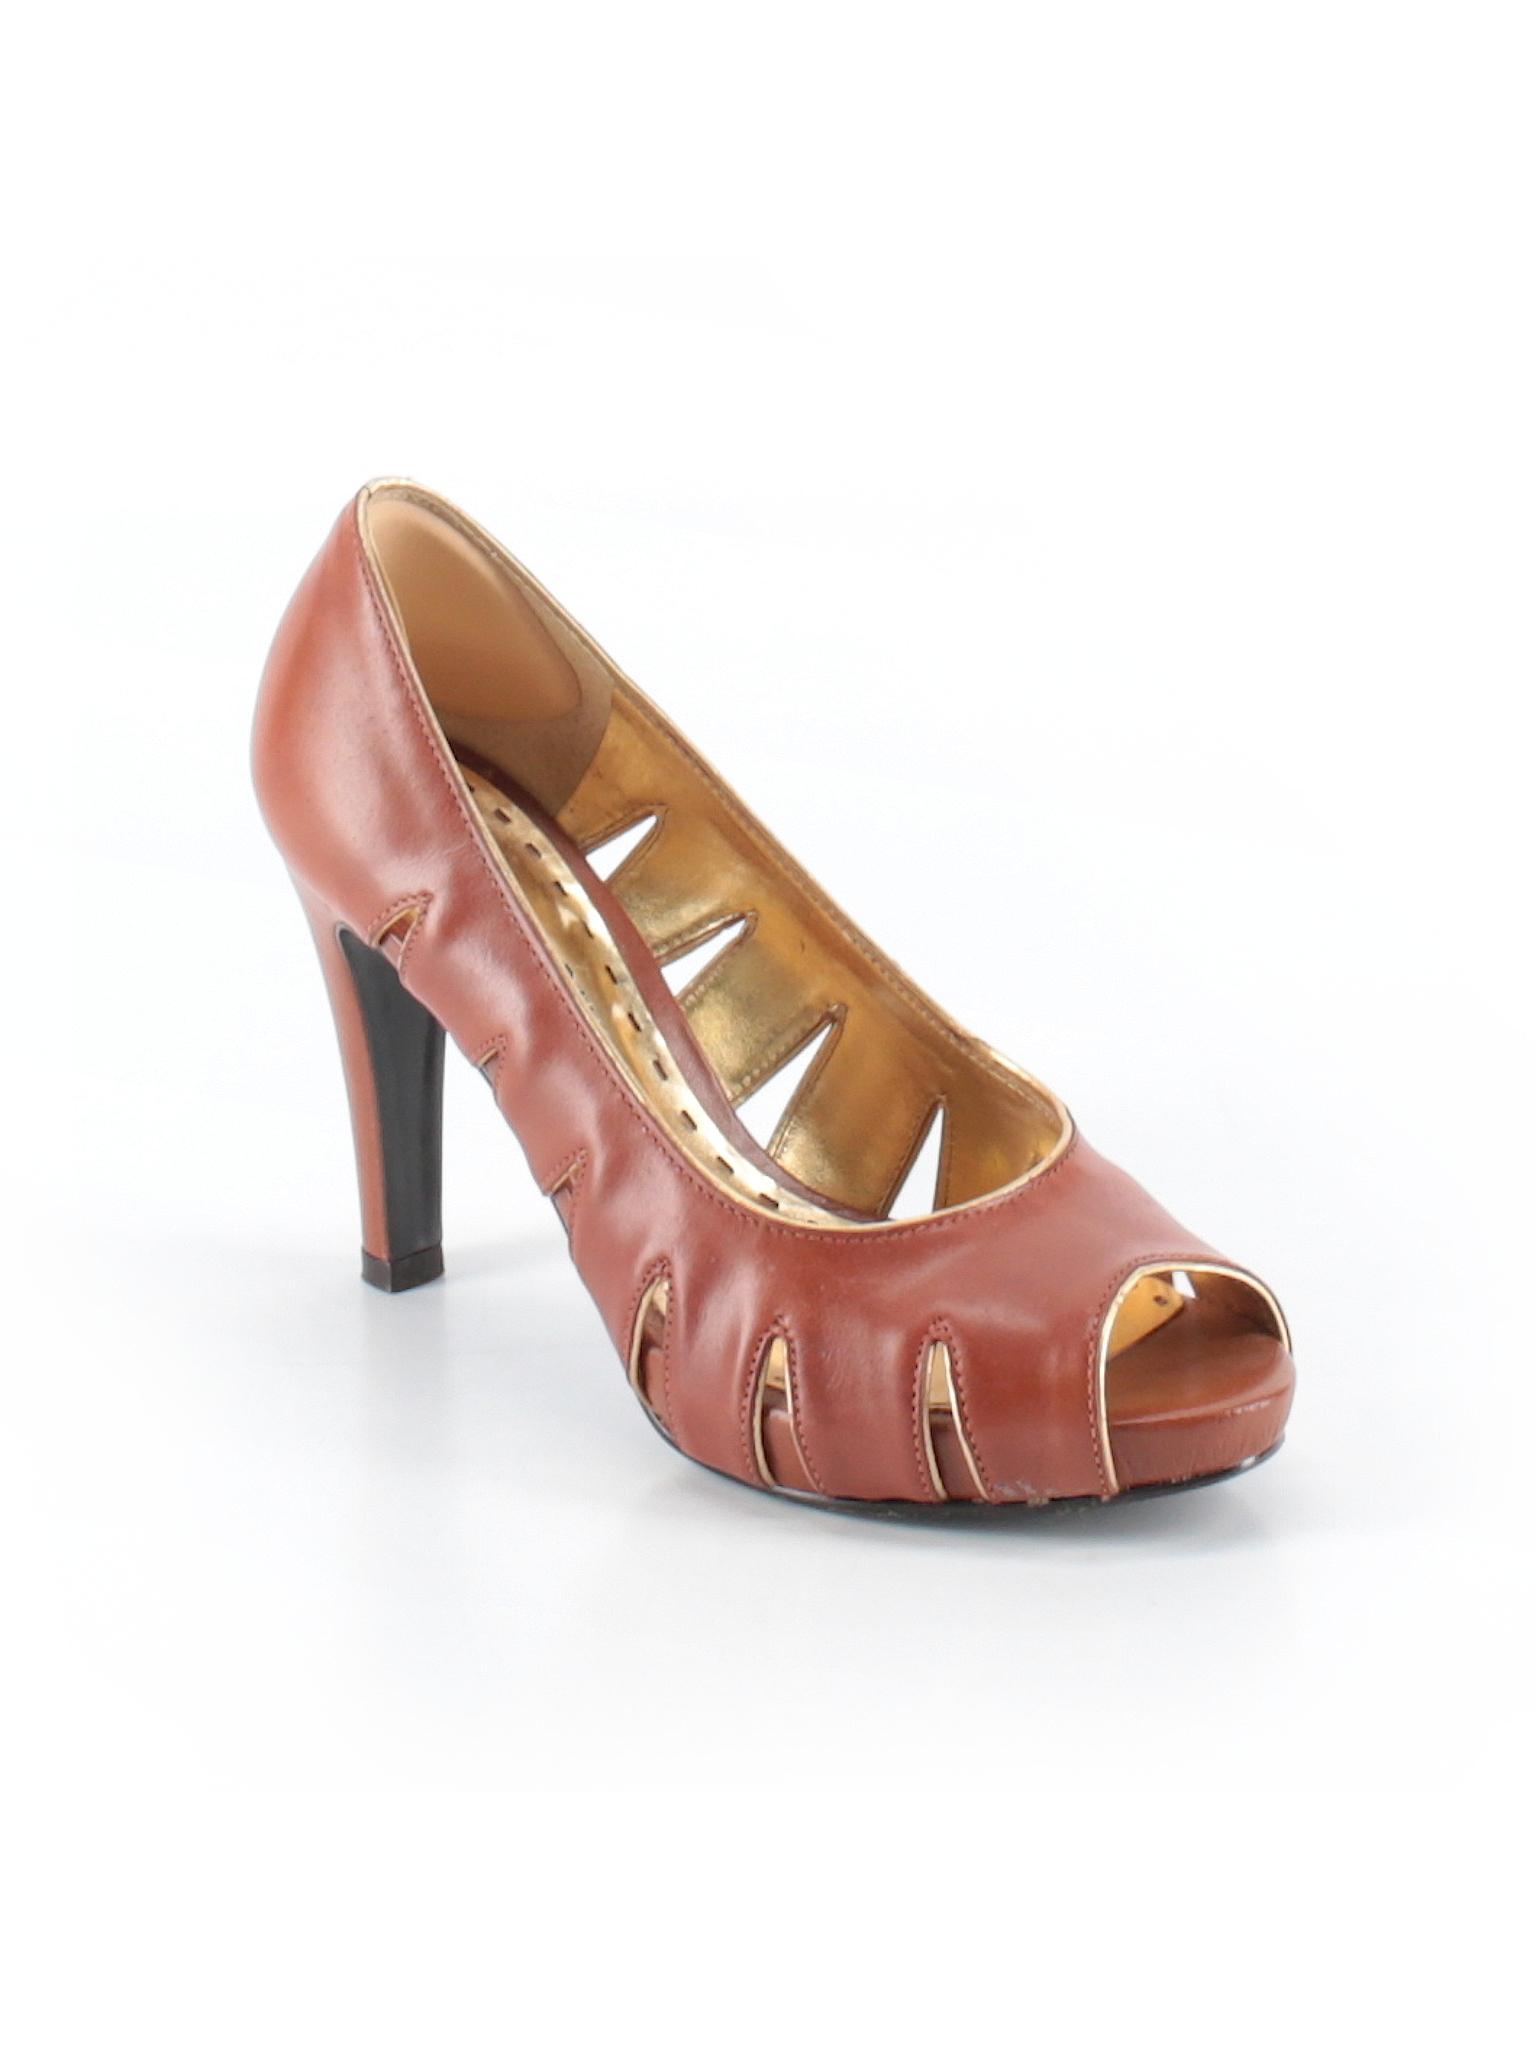 Heels Boutique Boutique Bini Gianni promotion promotion gUzWXq6w